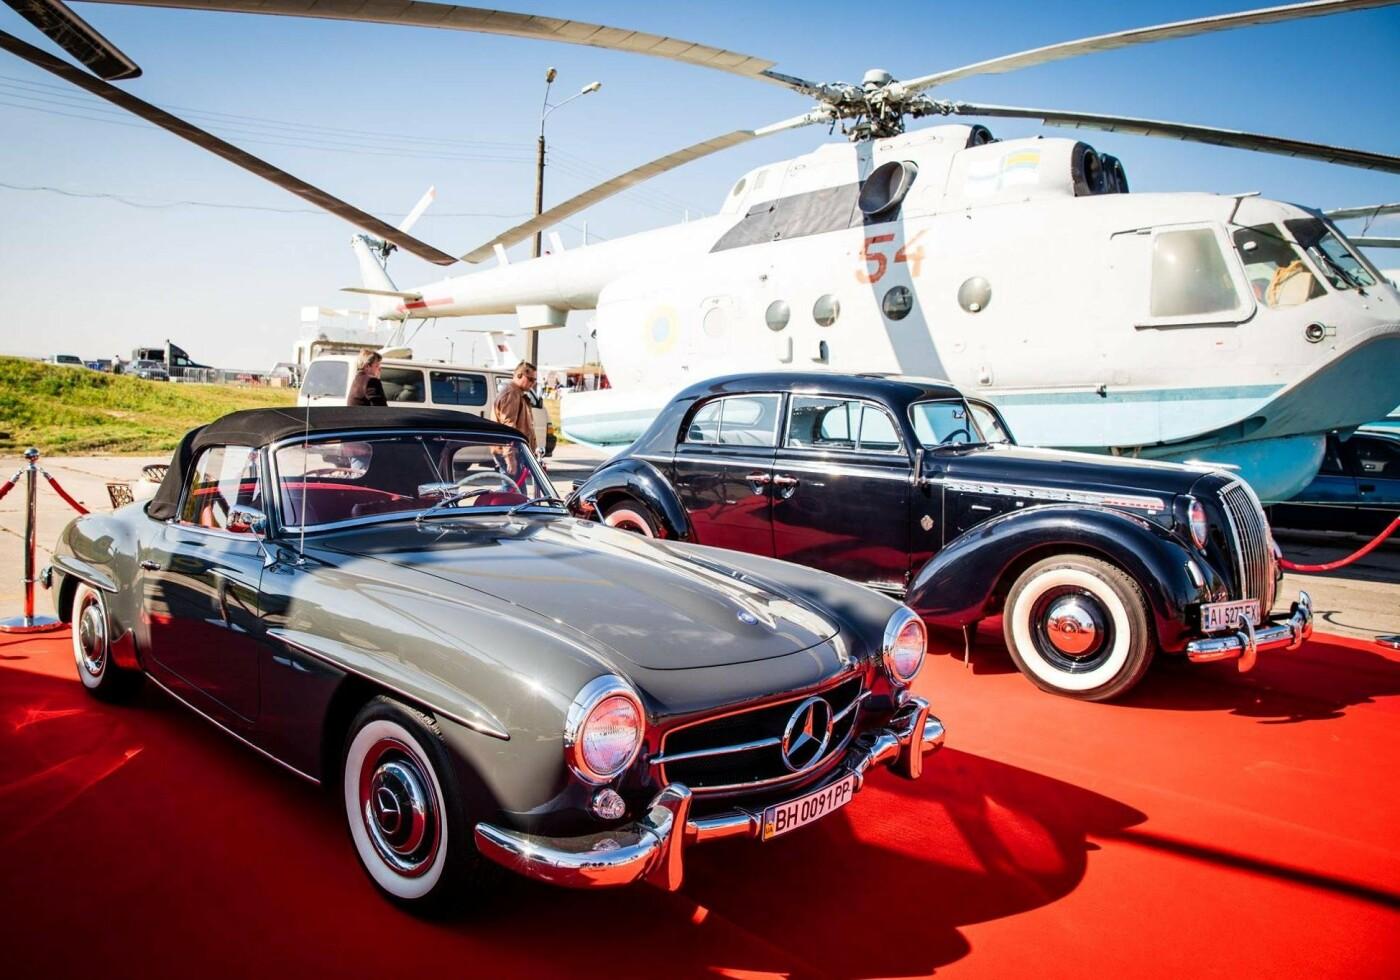 Выставка ретро автомобилей Киев 2021, фото: Vgorode ua